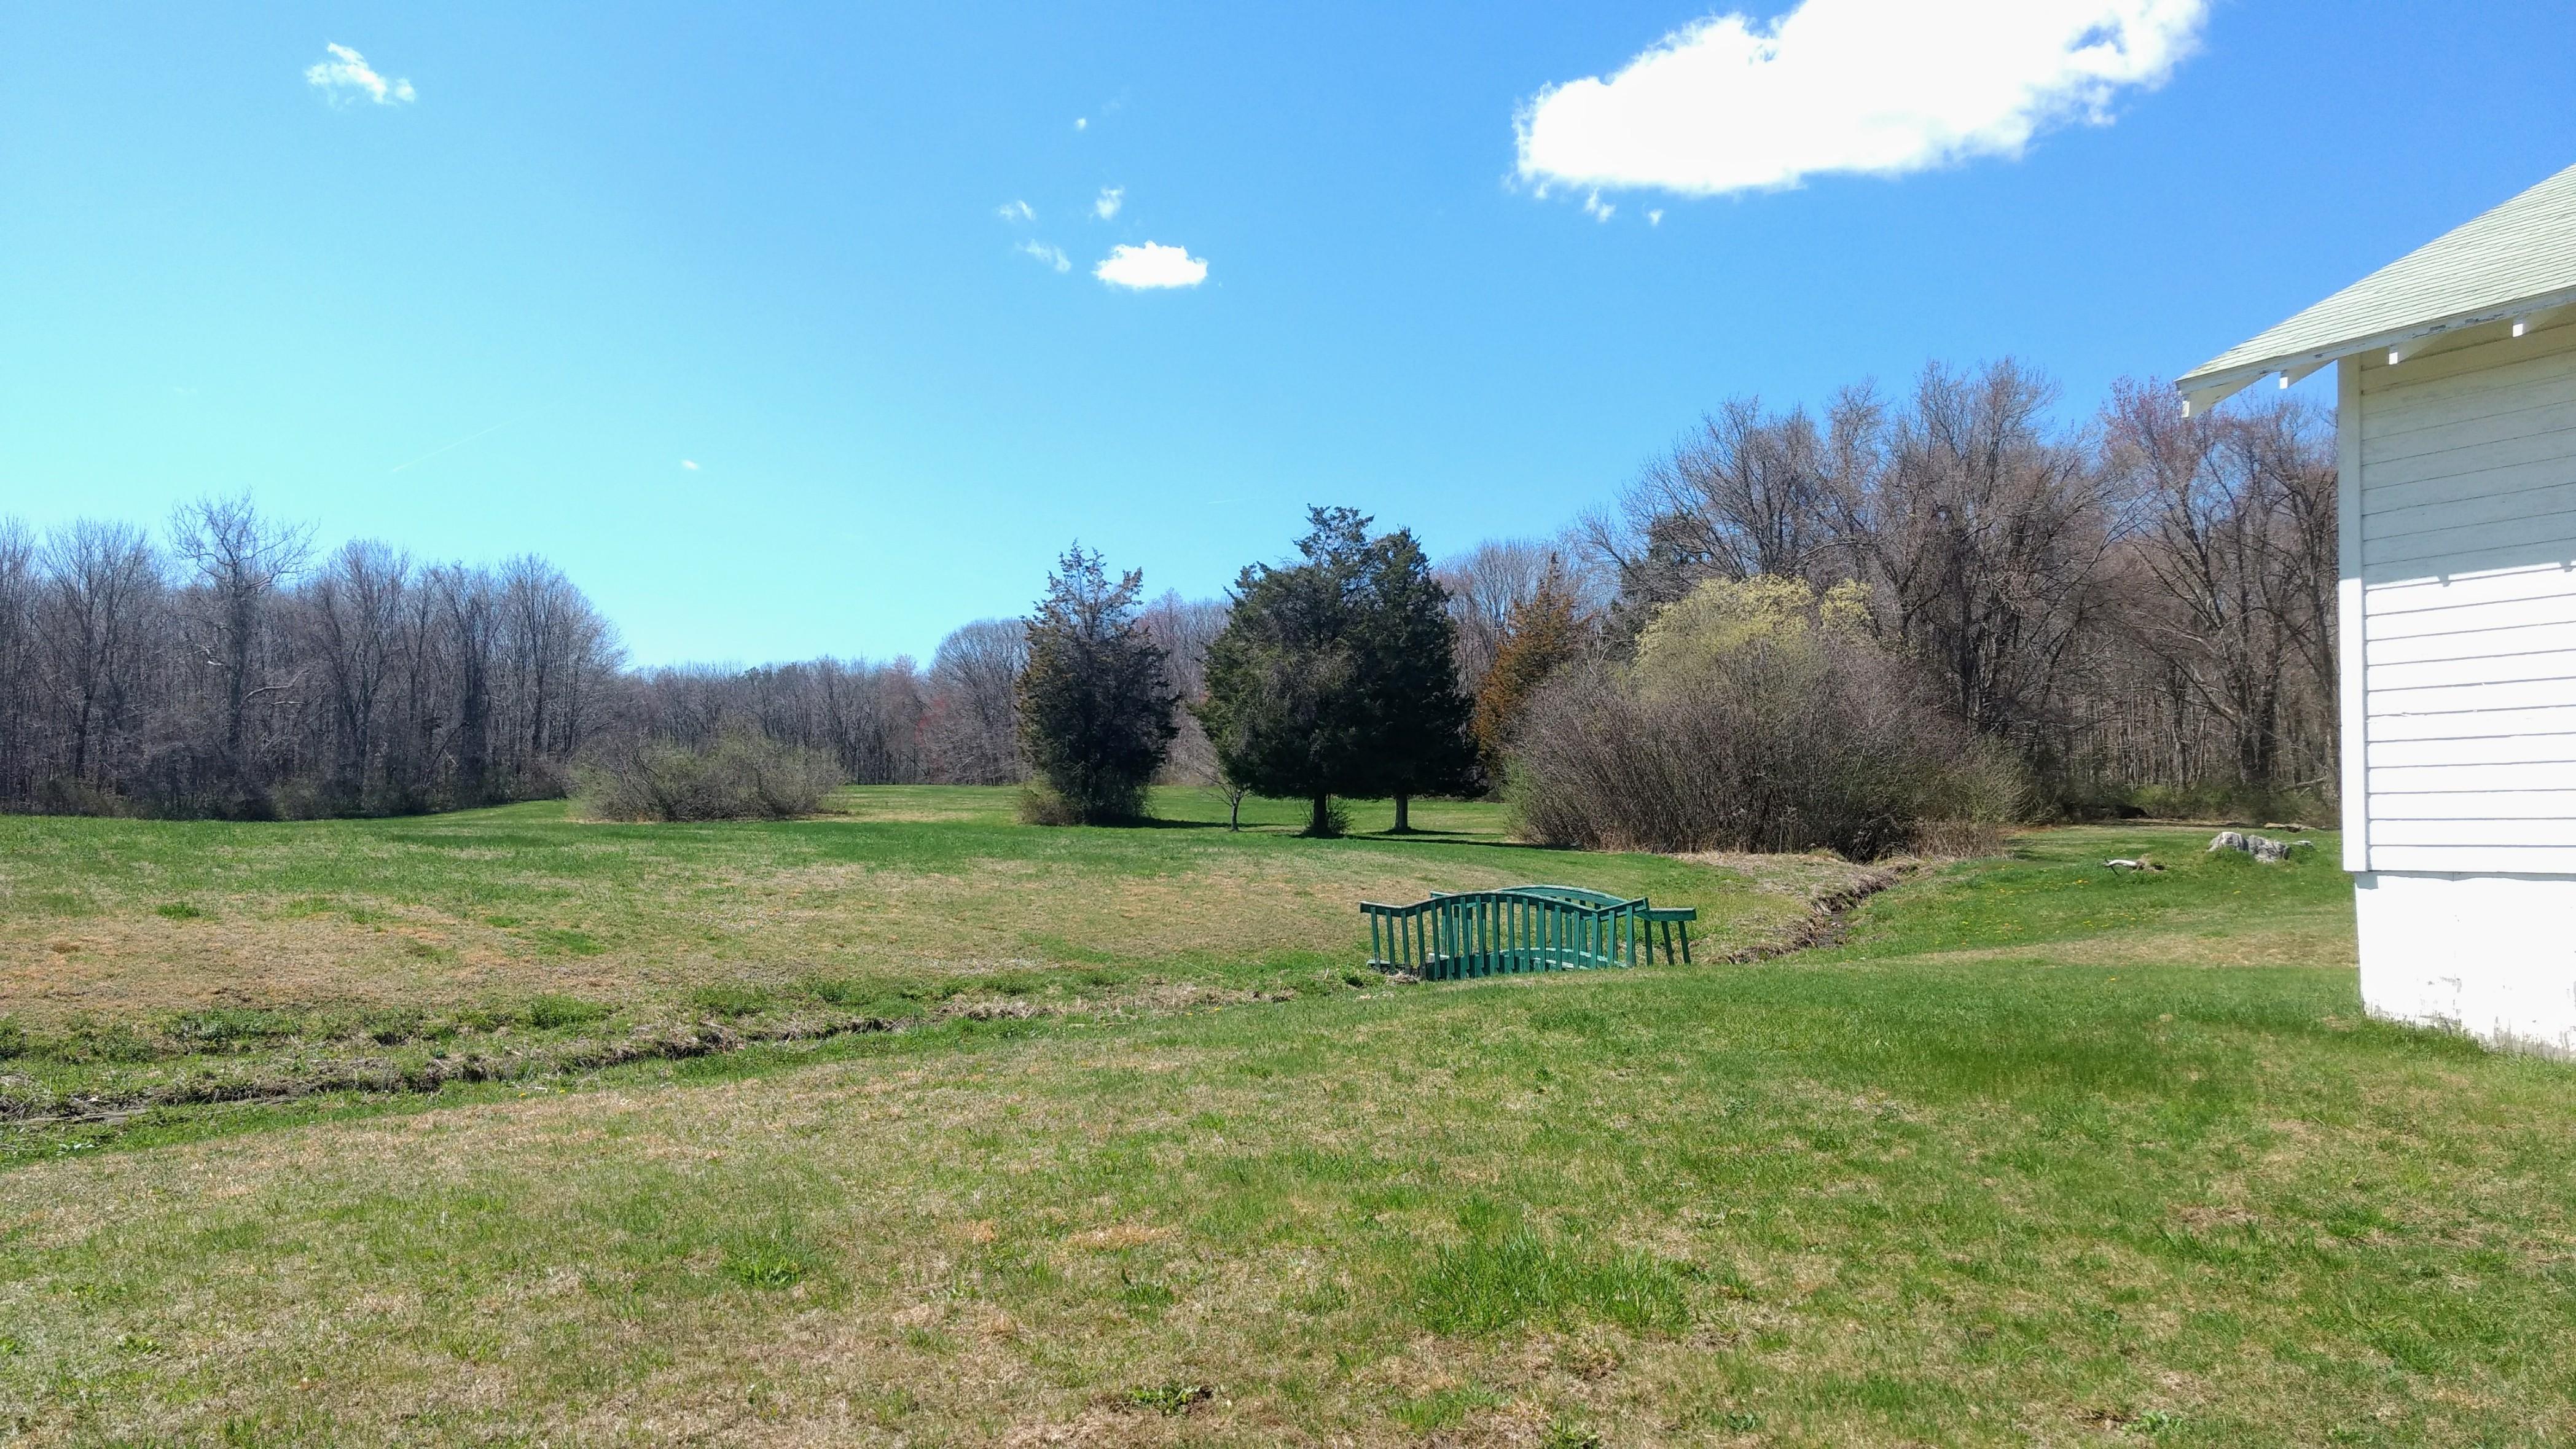 62 acres